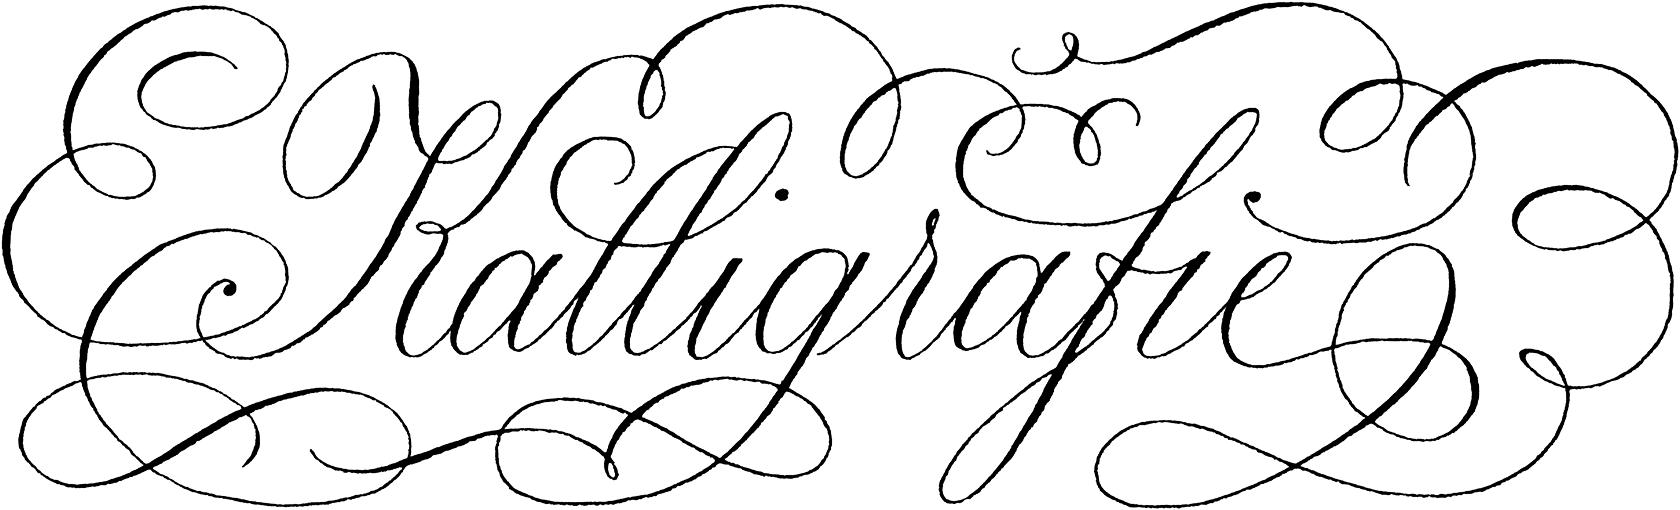 federflug kalligrafie lernen workshops calligraphy kalligraphie. Black Bedroom Furniture Sets. Home Design Ideas